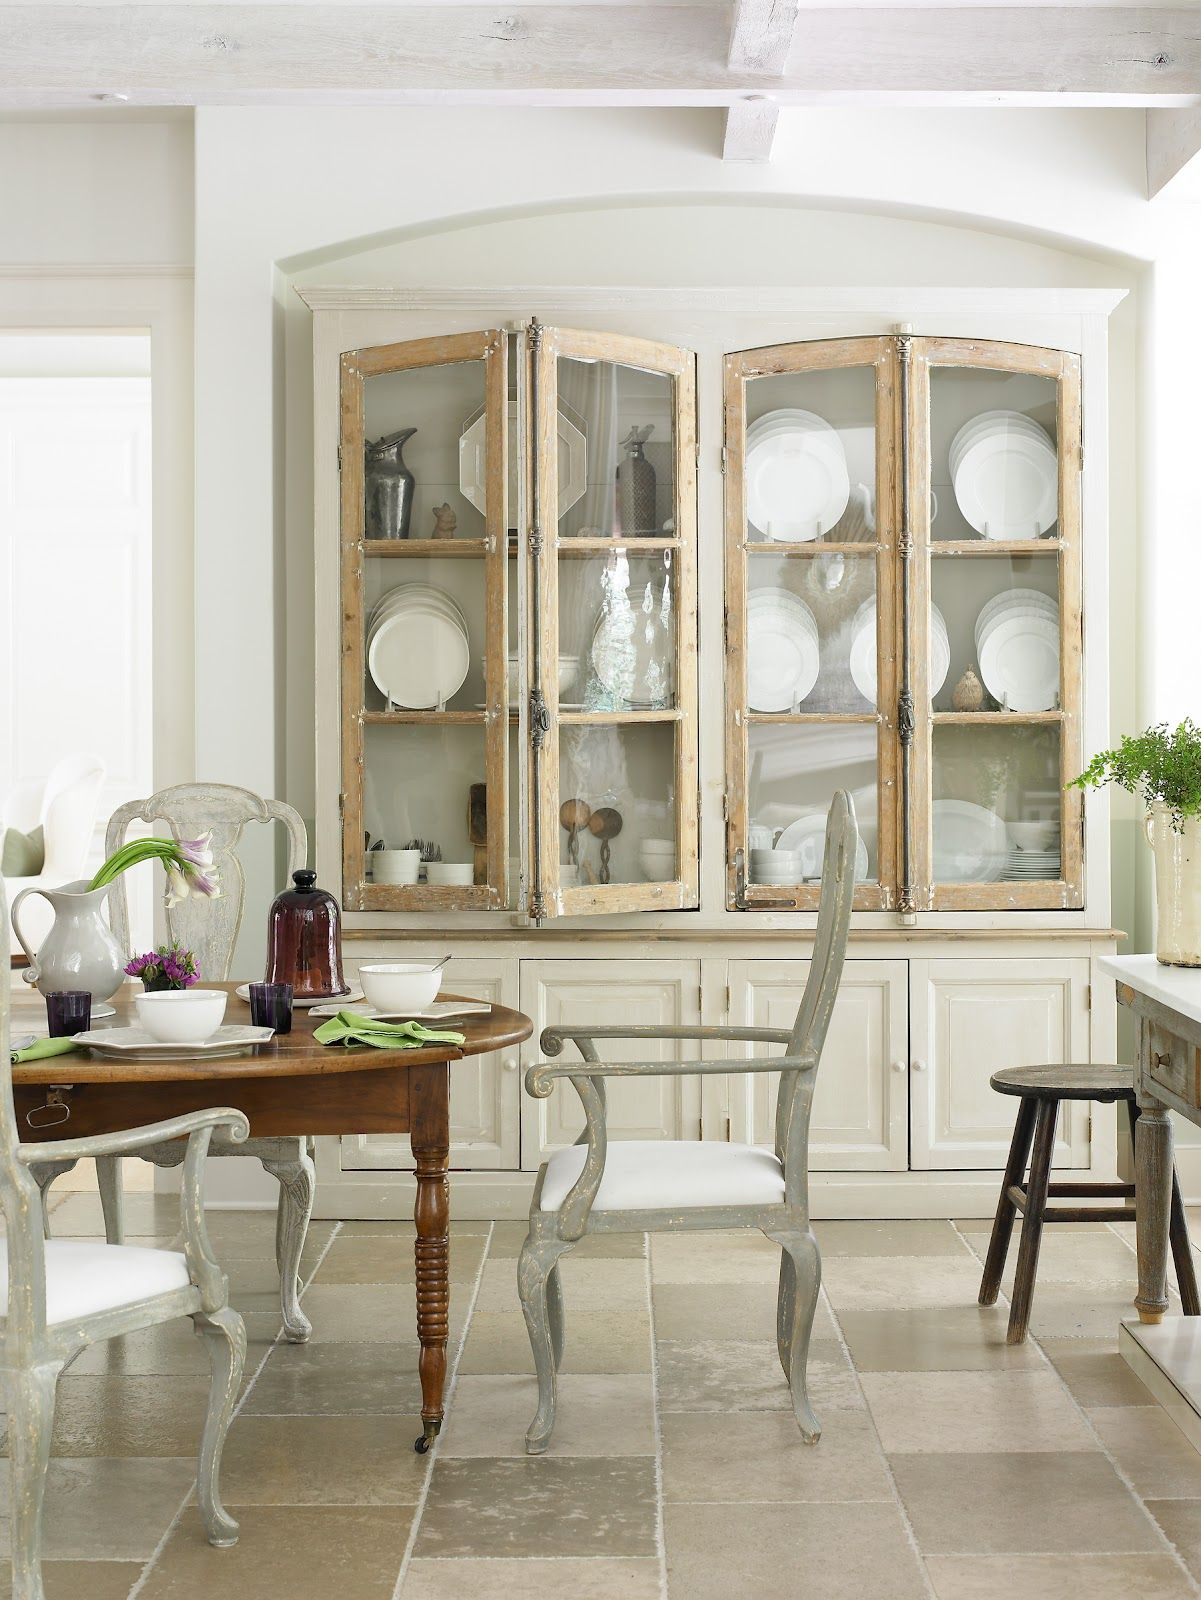 Home Zen La Clayette platos redondo decoración | muebles de comedor, diseño de